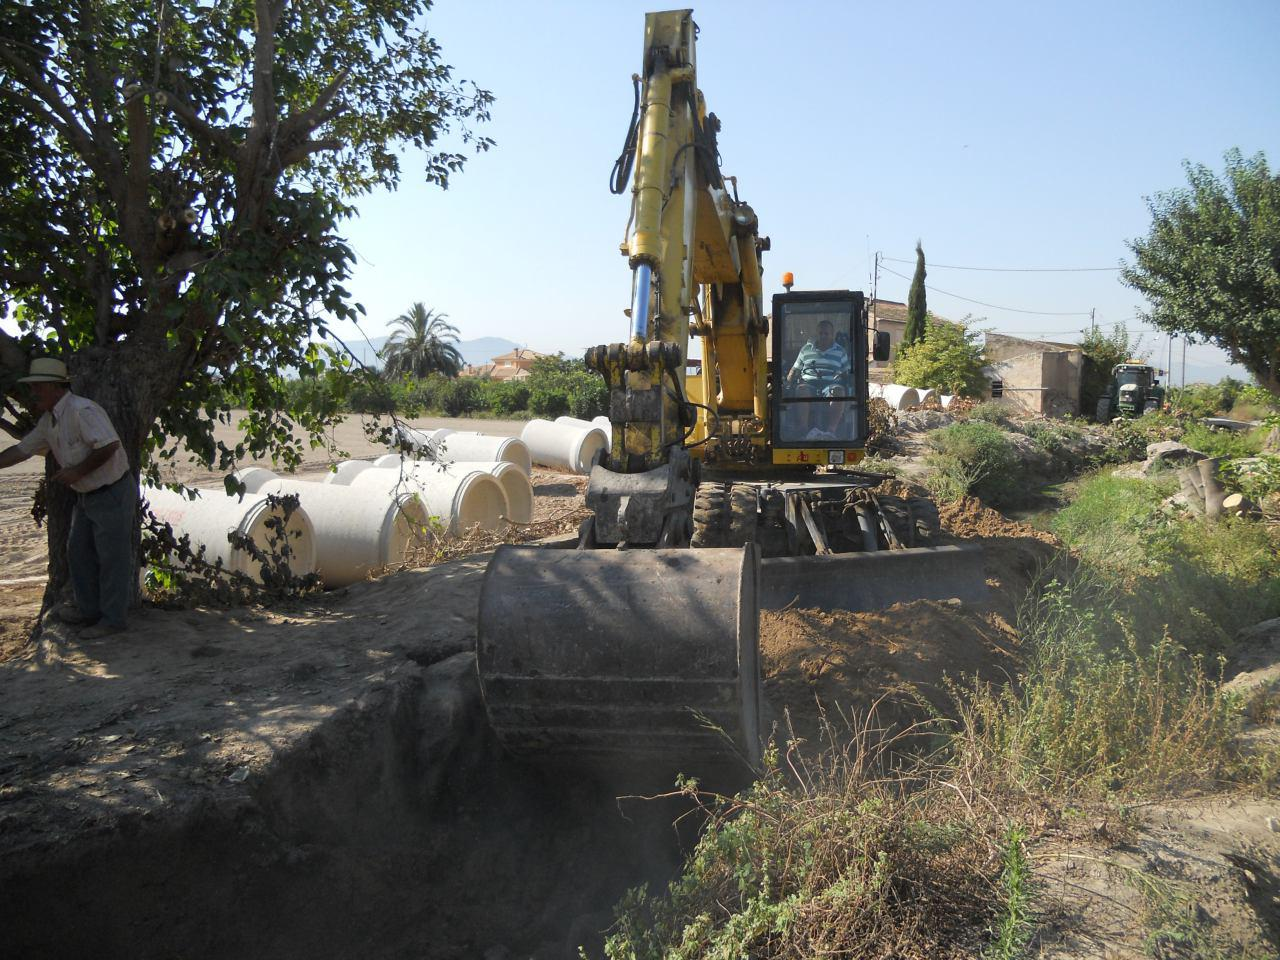 Obras en las acequias de la Huerta de Murcia. Imagen: Huermur